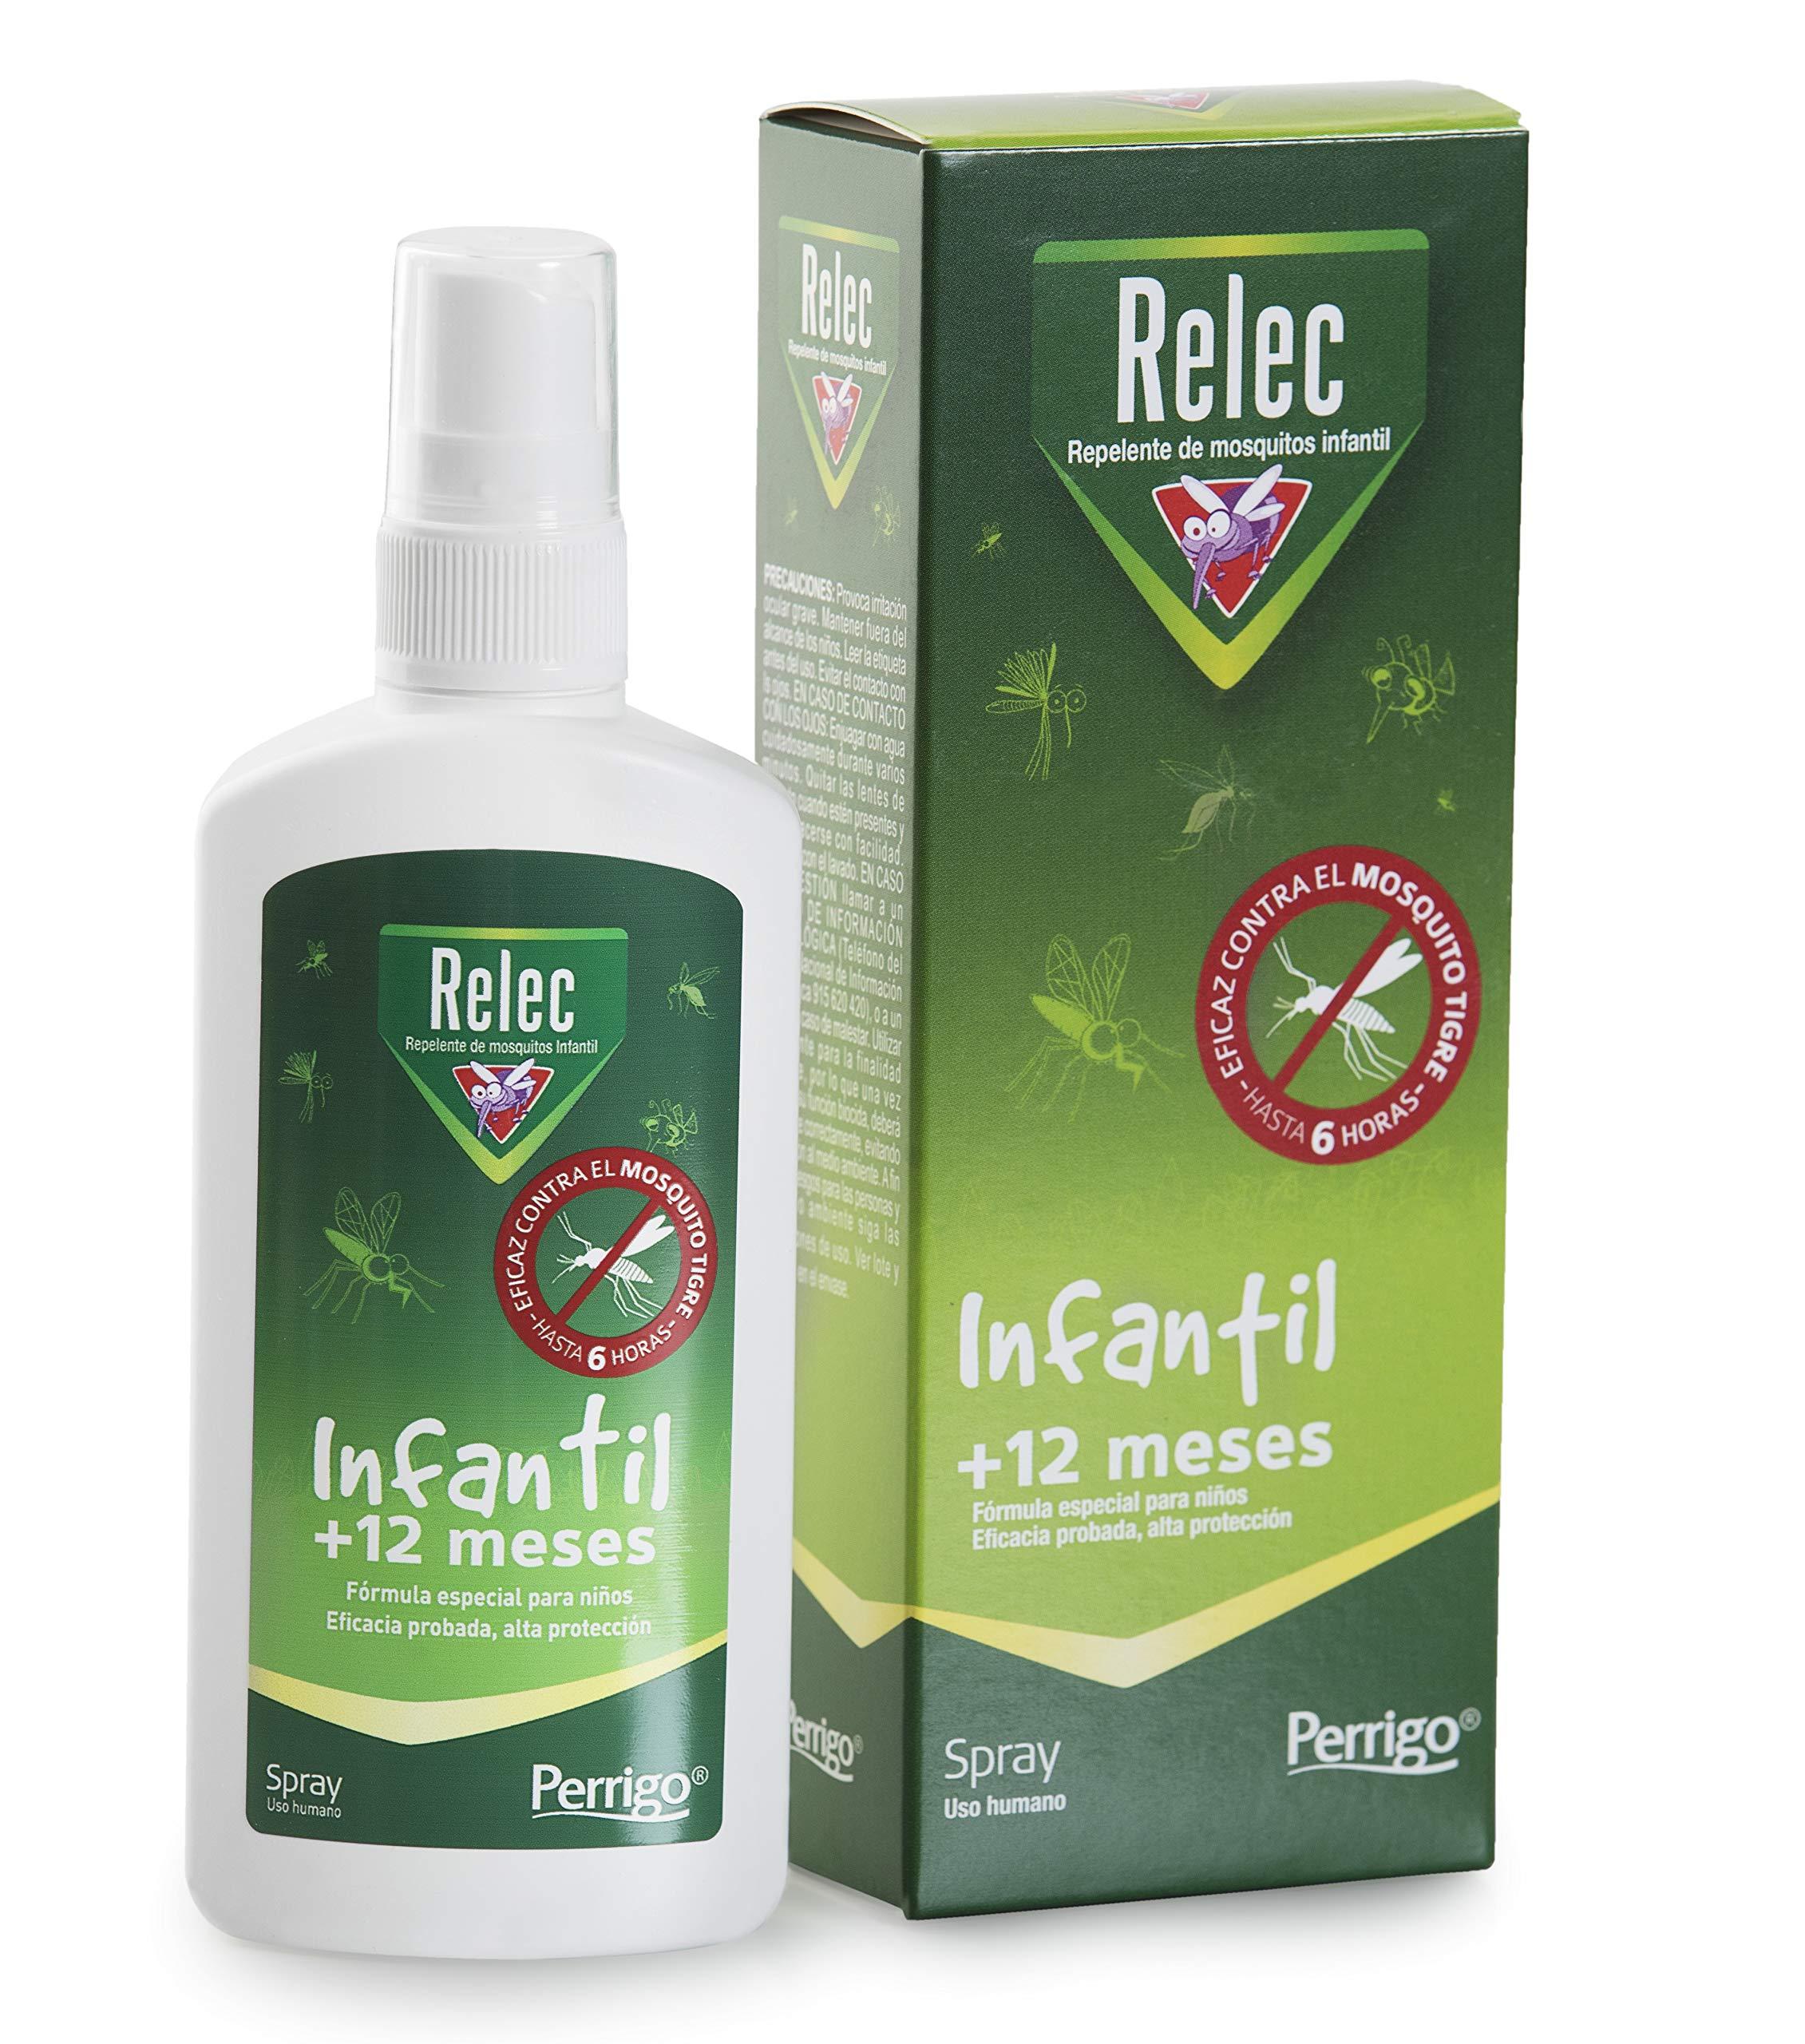 Relec Infantil Spray Eficaz Antimosquitos. Sin Alcohol. Dermatológicamente Testado. Pieles Sensibles. Bebés +12 meses. Repelente Mosquitos – 100 ml